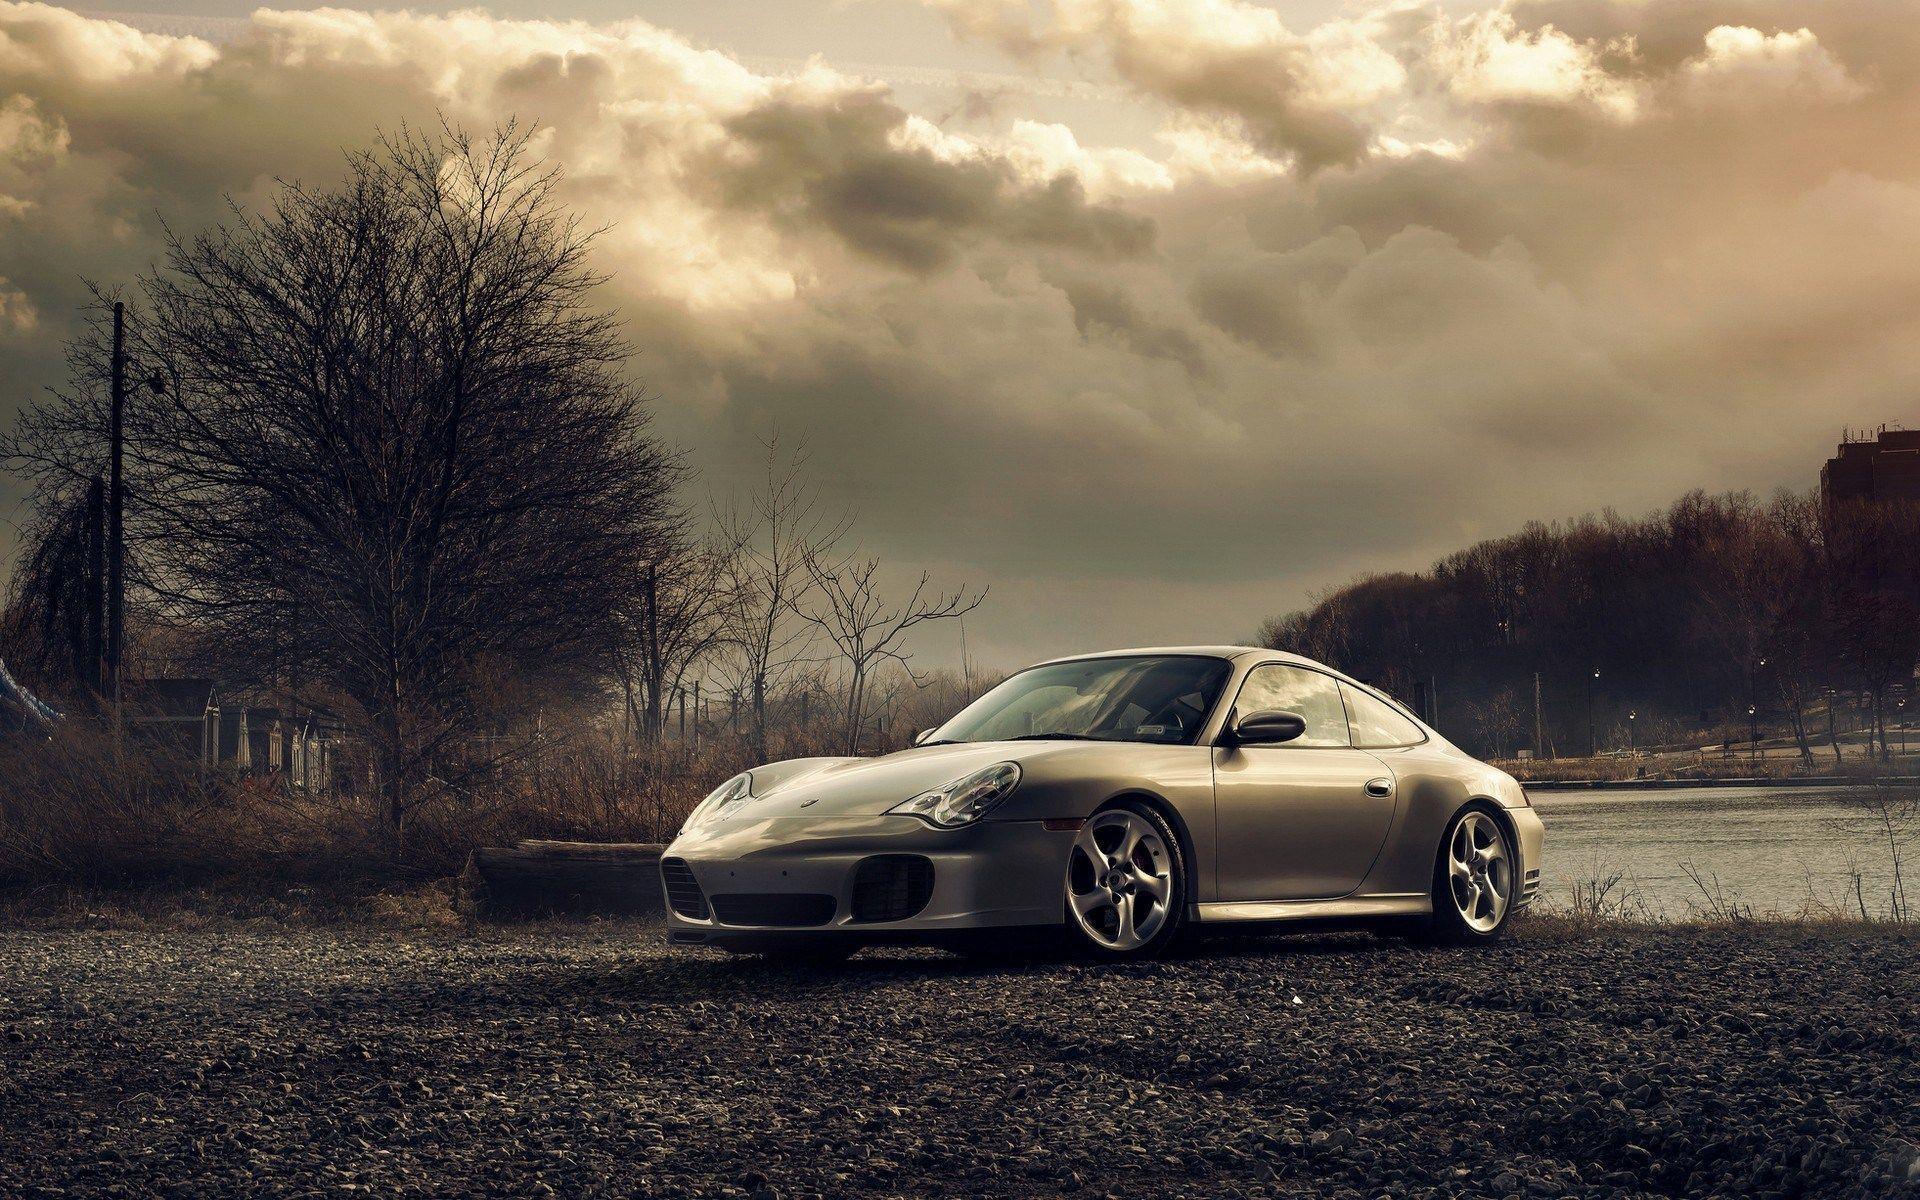 Porsche 911 Wallpapers - Full HD wallpaper search